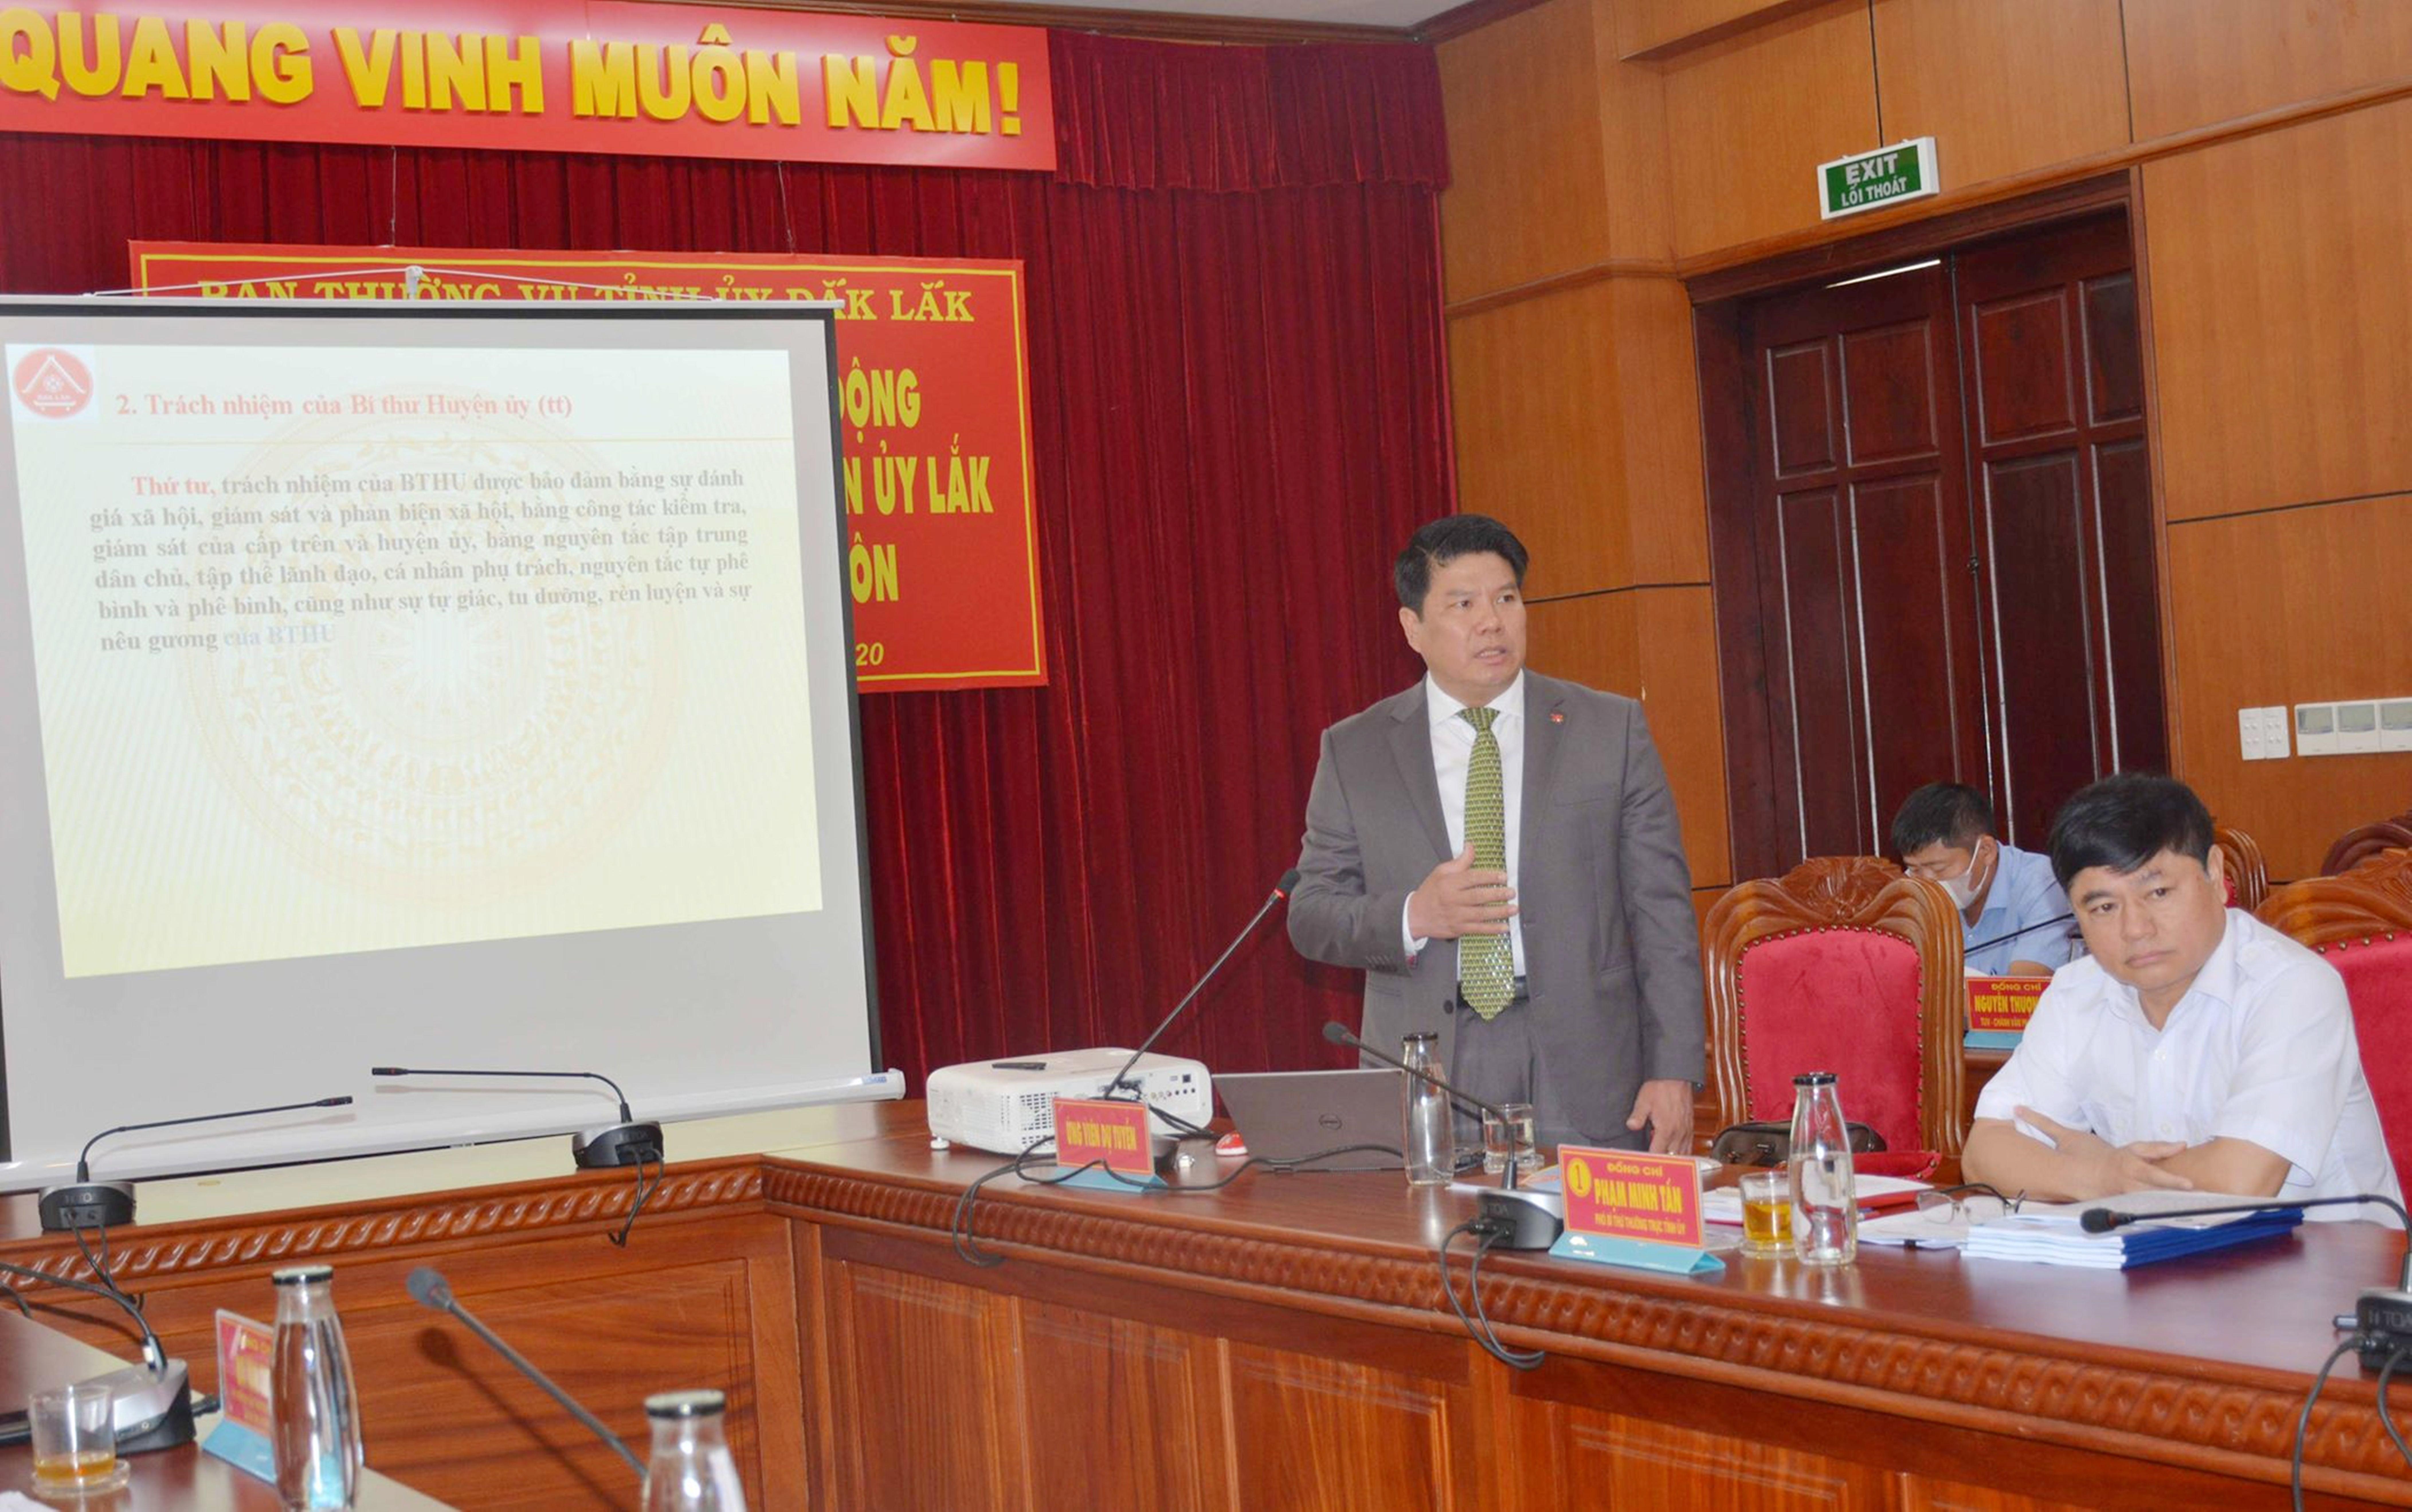 Ông Nguyễn Văn Hà ứng viên vị trí Bí thư Huyện ủy Buôn Đôn